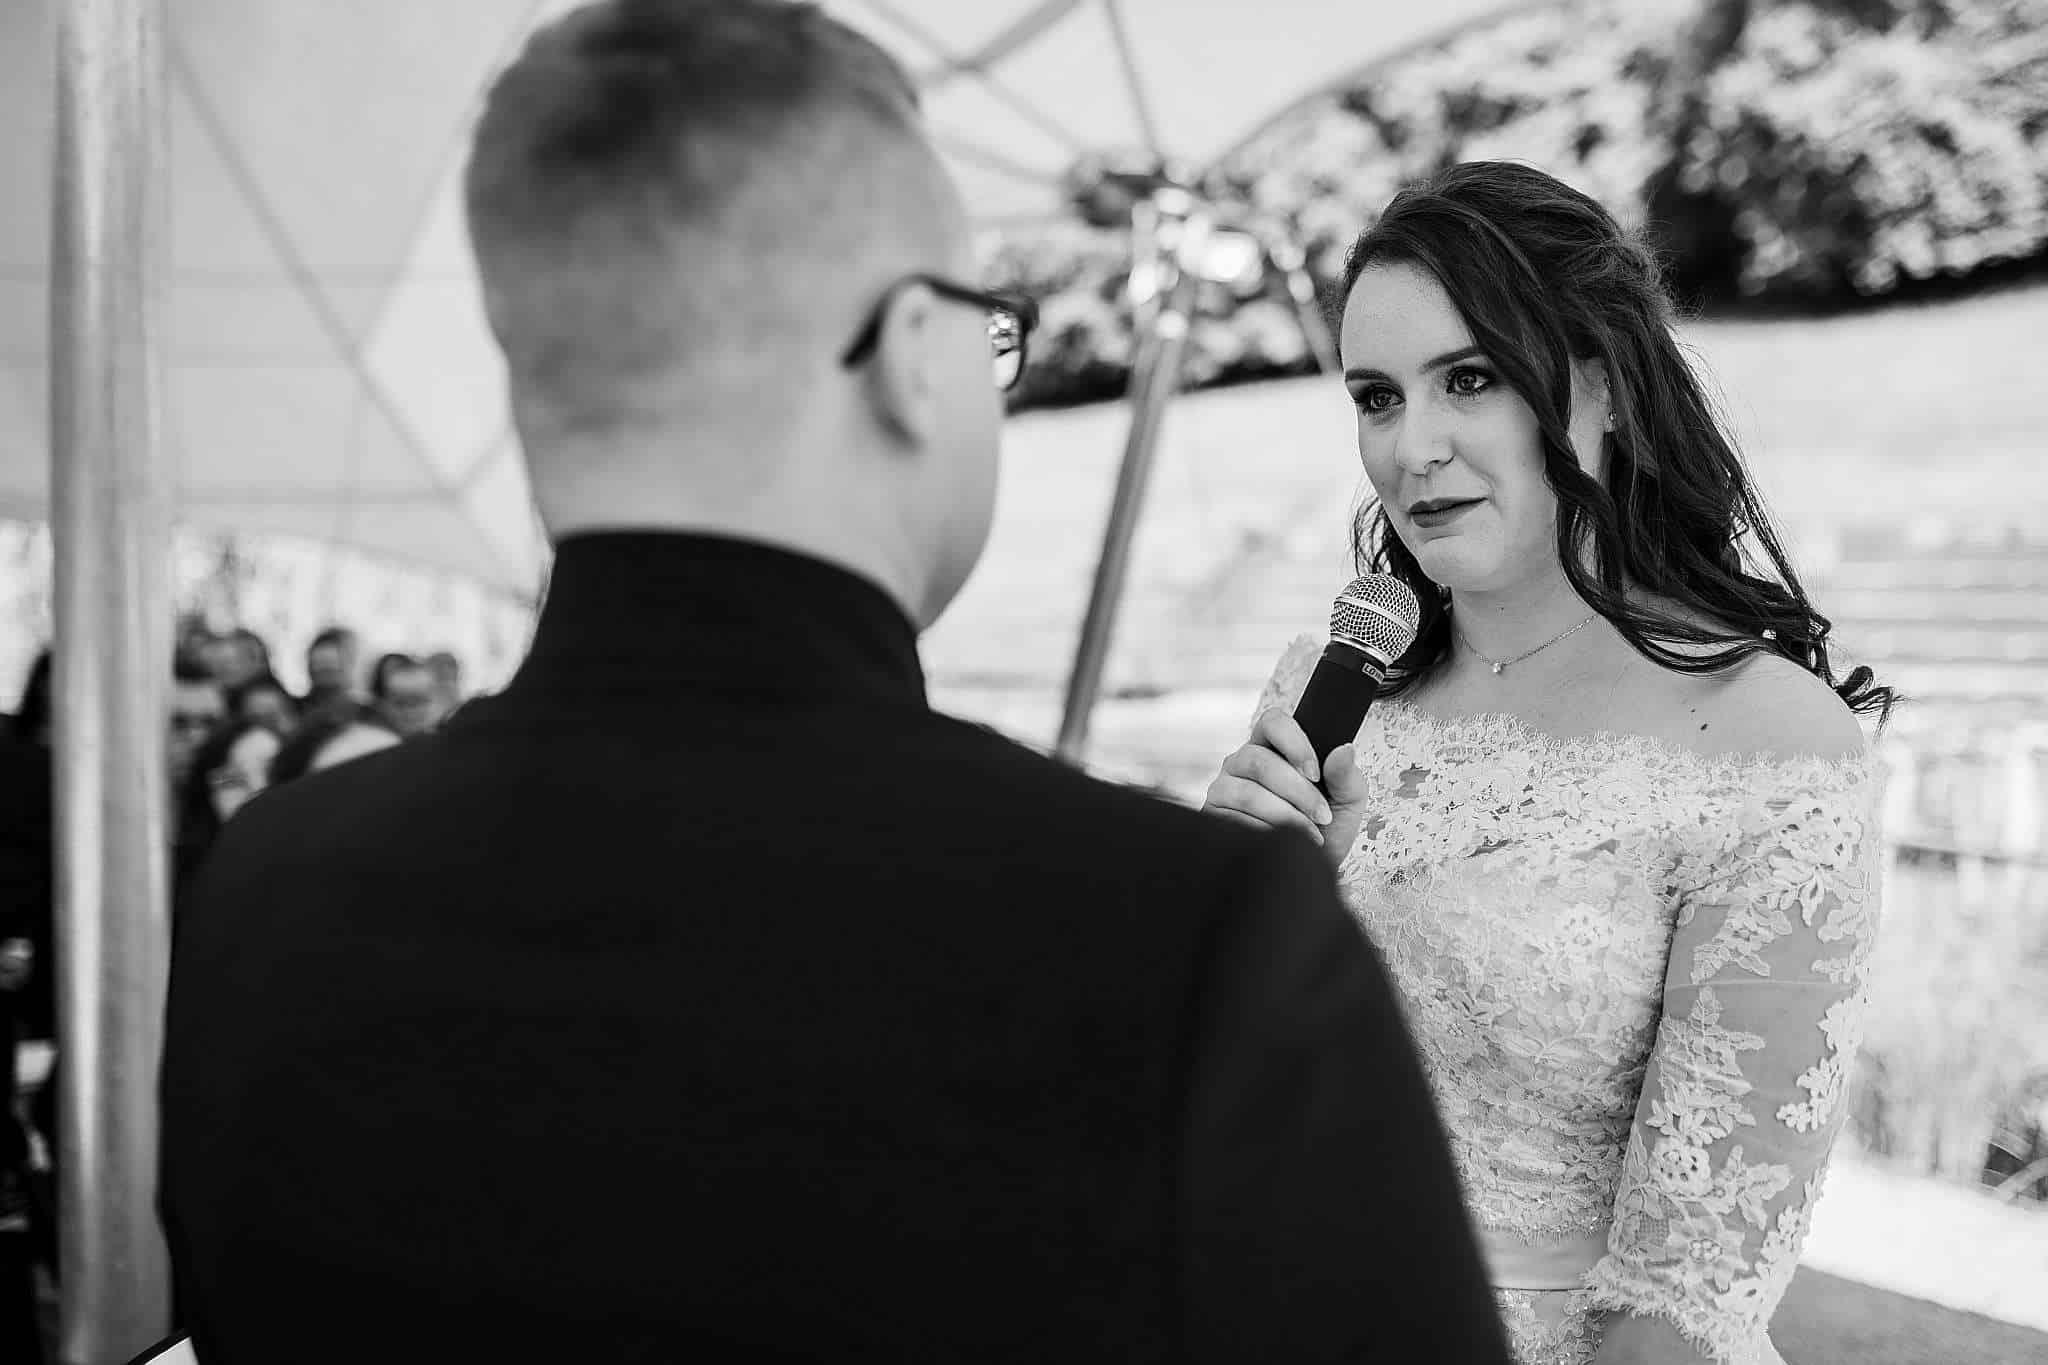 Die Braut trägt ihr Ehegelübde vor